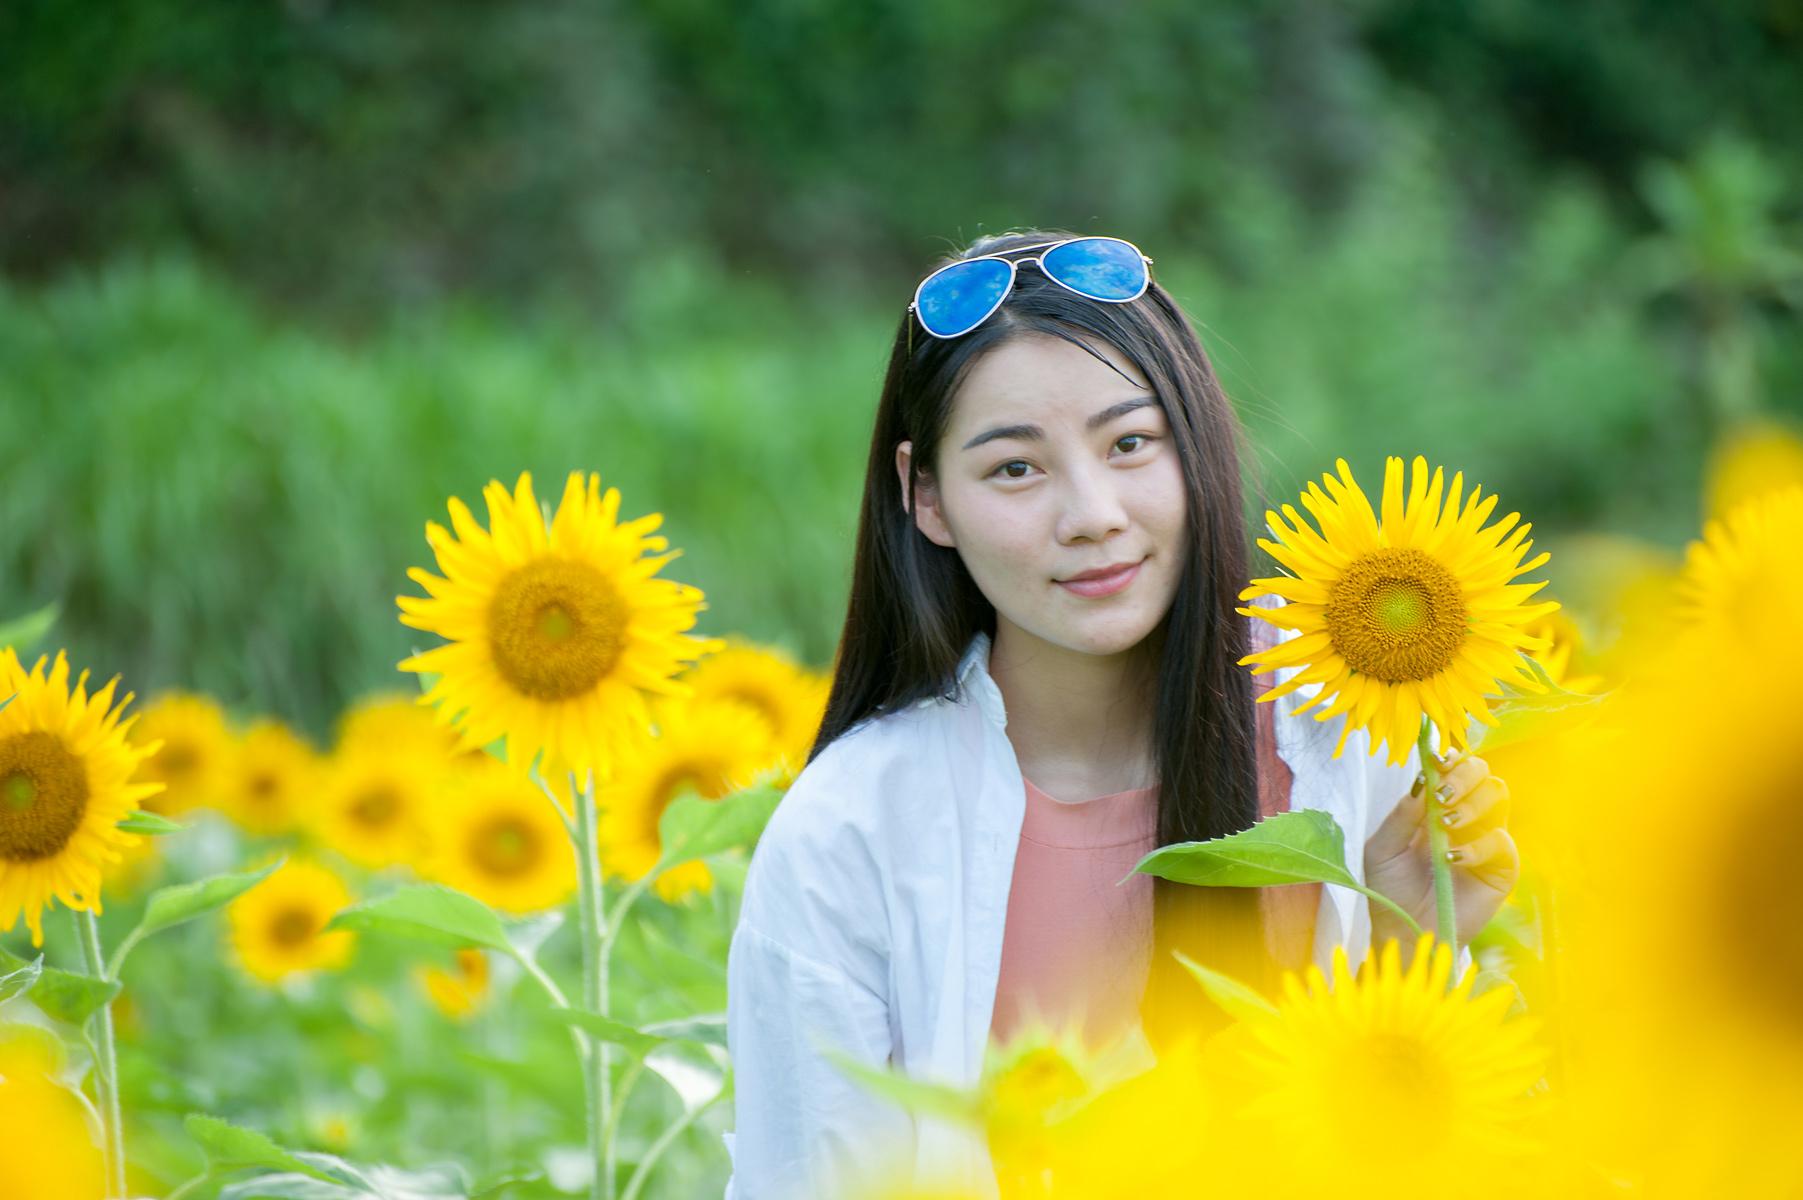 醉美齐云山》美女带你去看向日葵